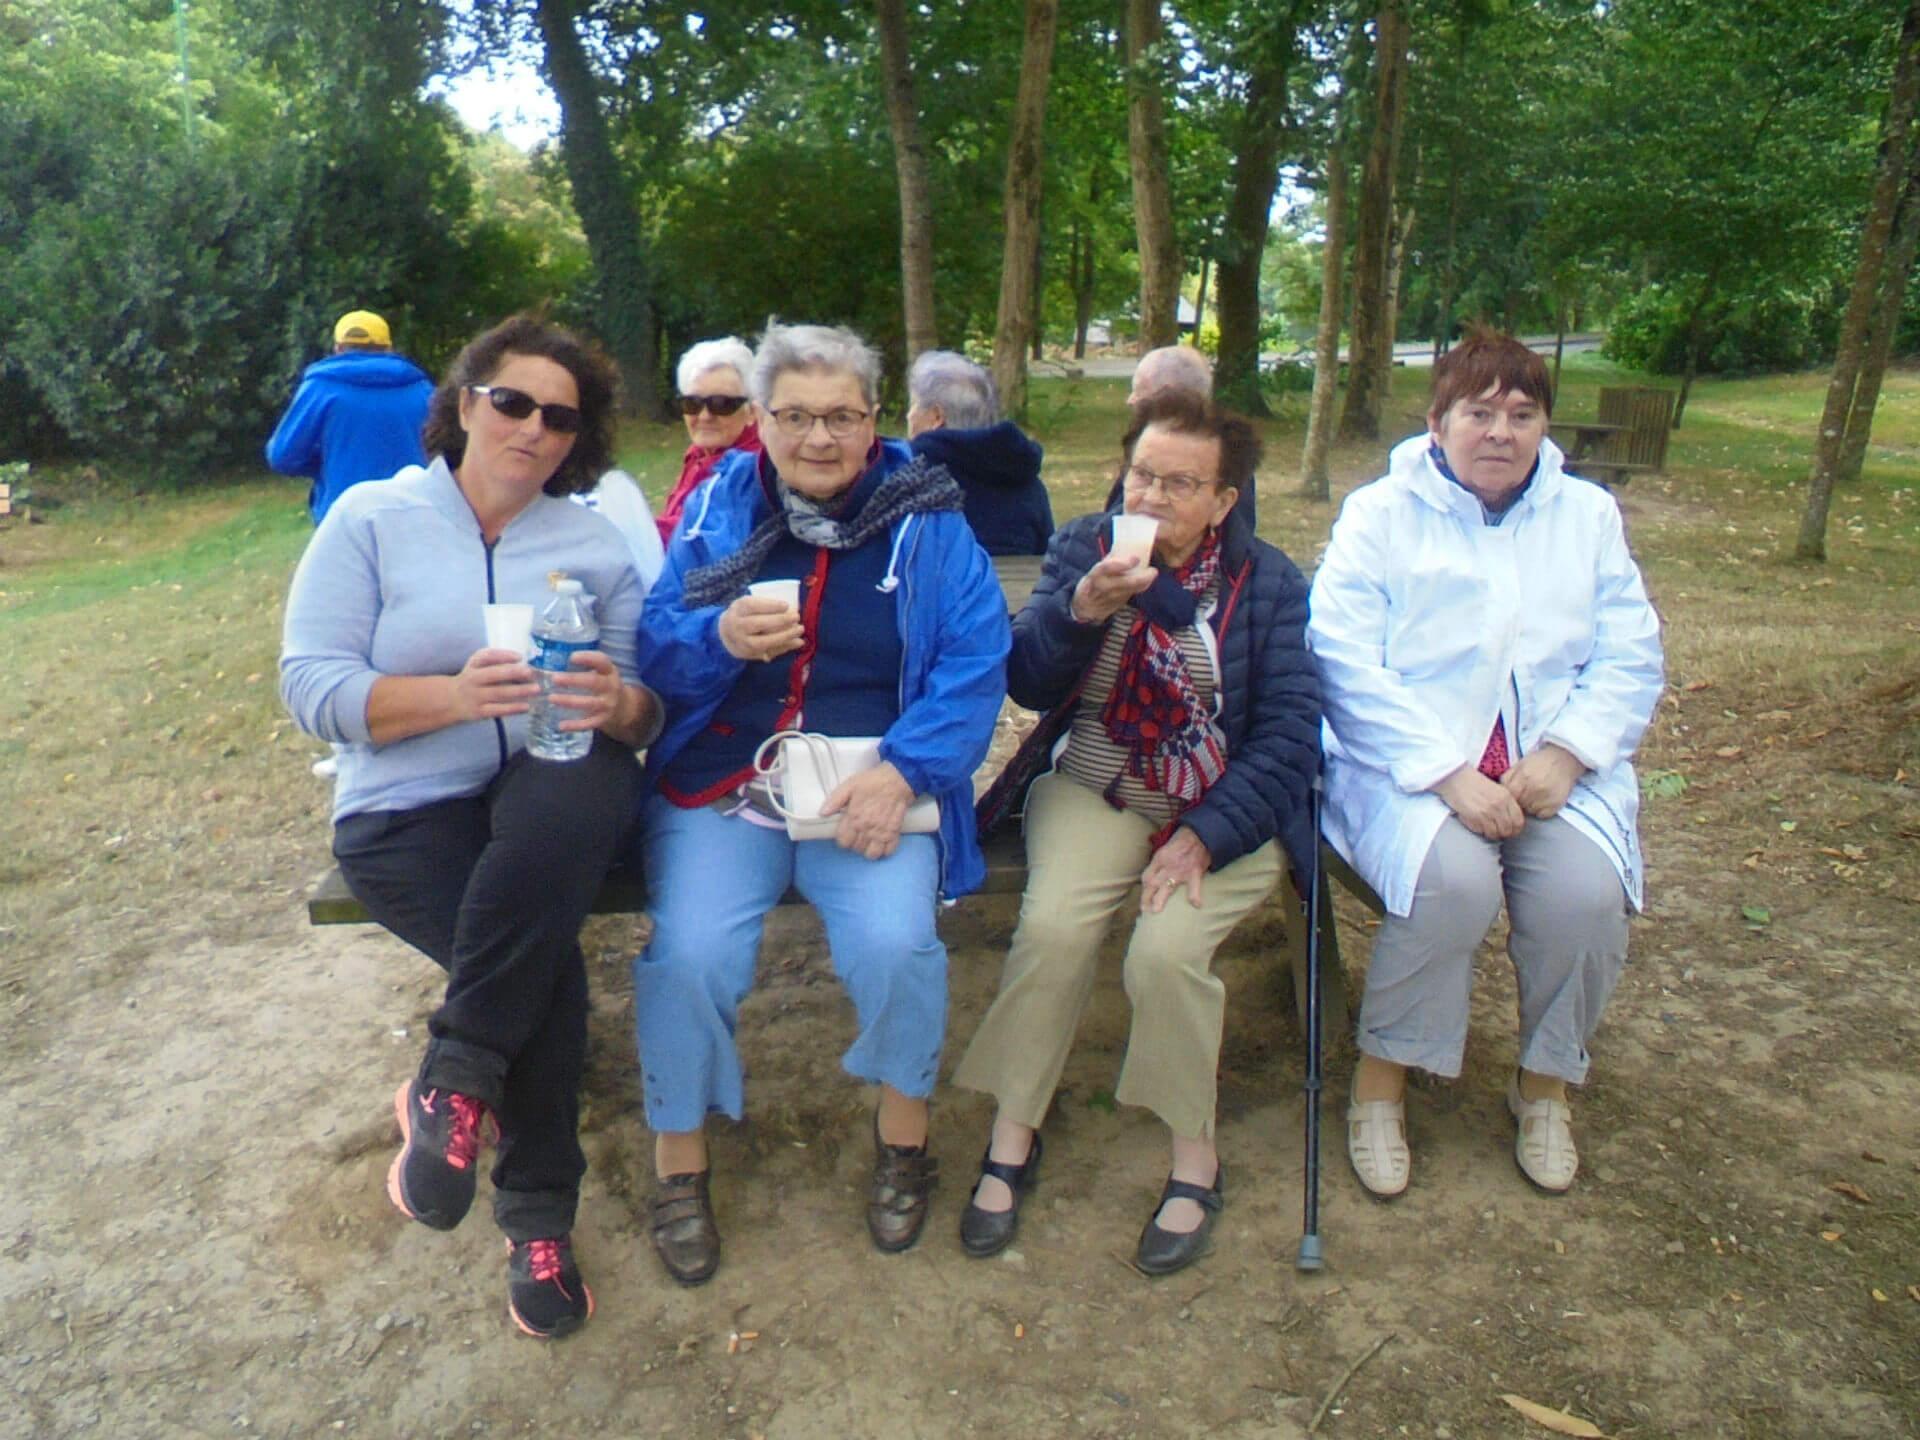 Pique-nique et balade au lac au duc à Ploërmel - le 5 septembre